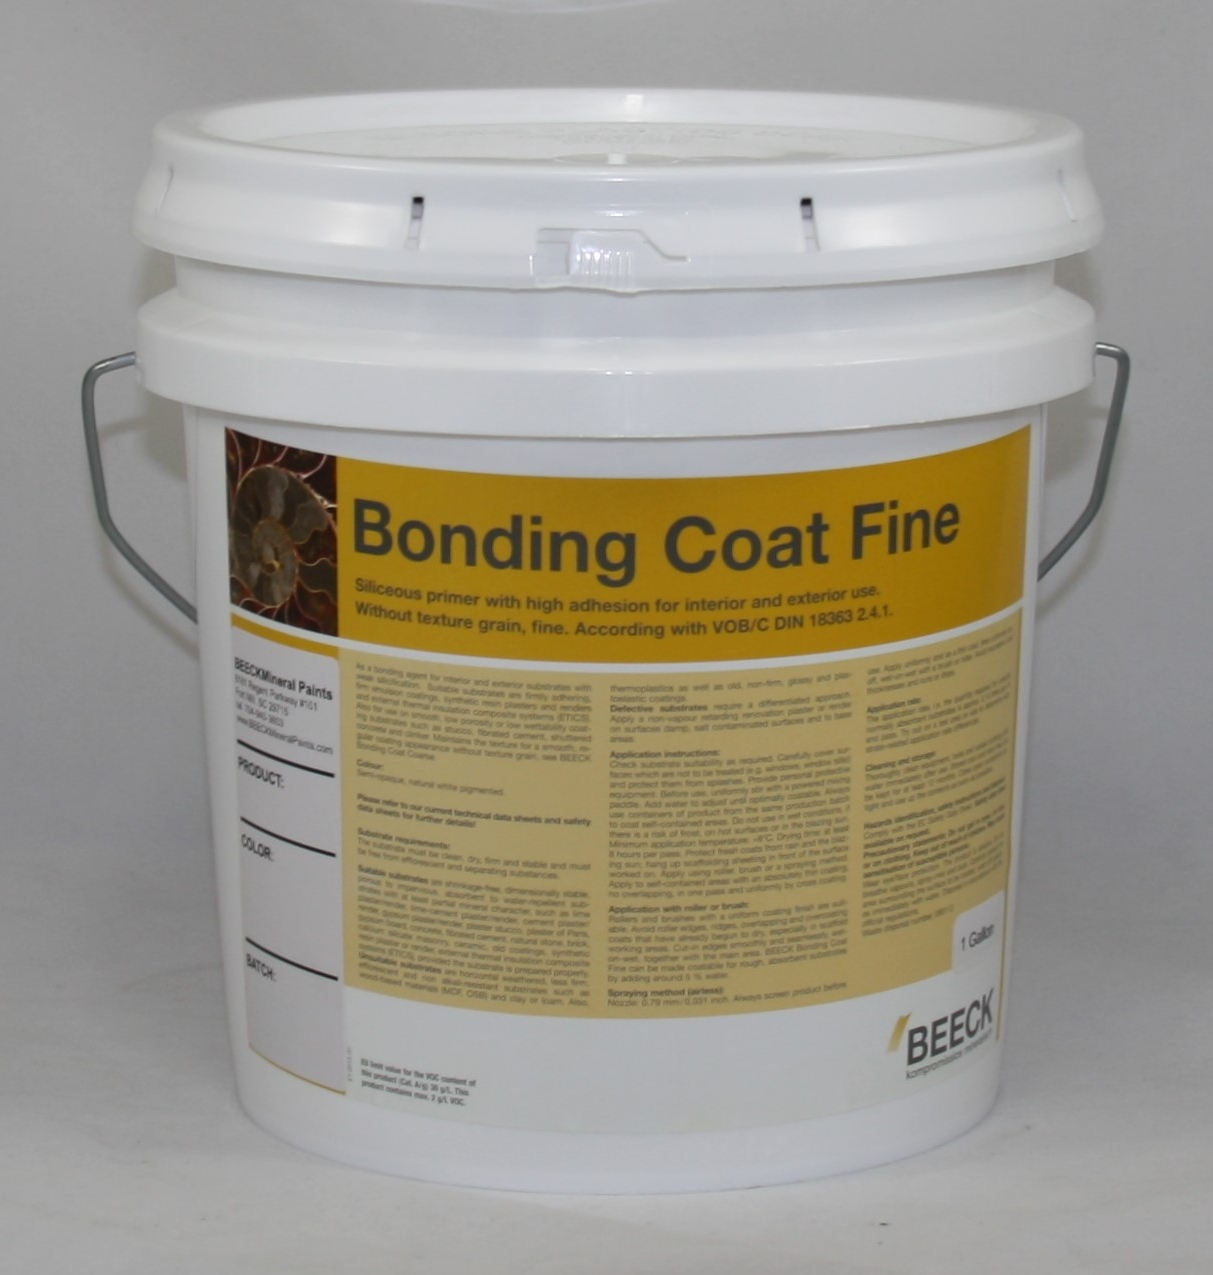 Bonding Coat Fine 1 Gallon.jpg